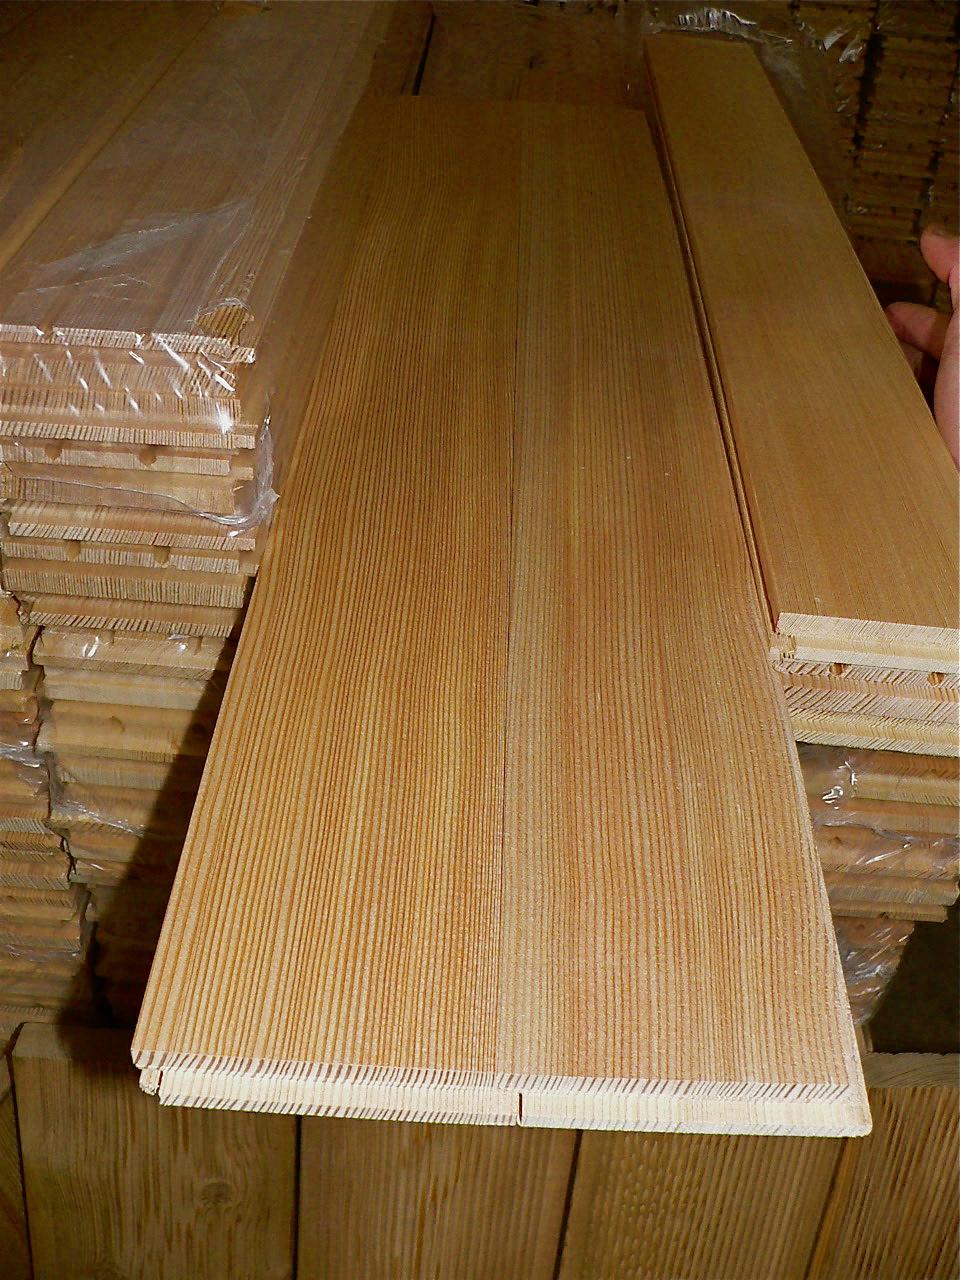 Самые популярные виды пиломатериалов: строительная доска, паркетная доска, необрезная доска, деревянный брус